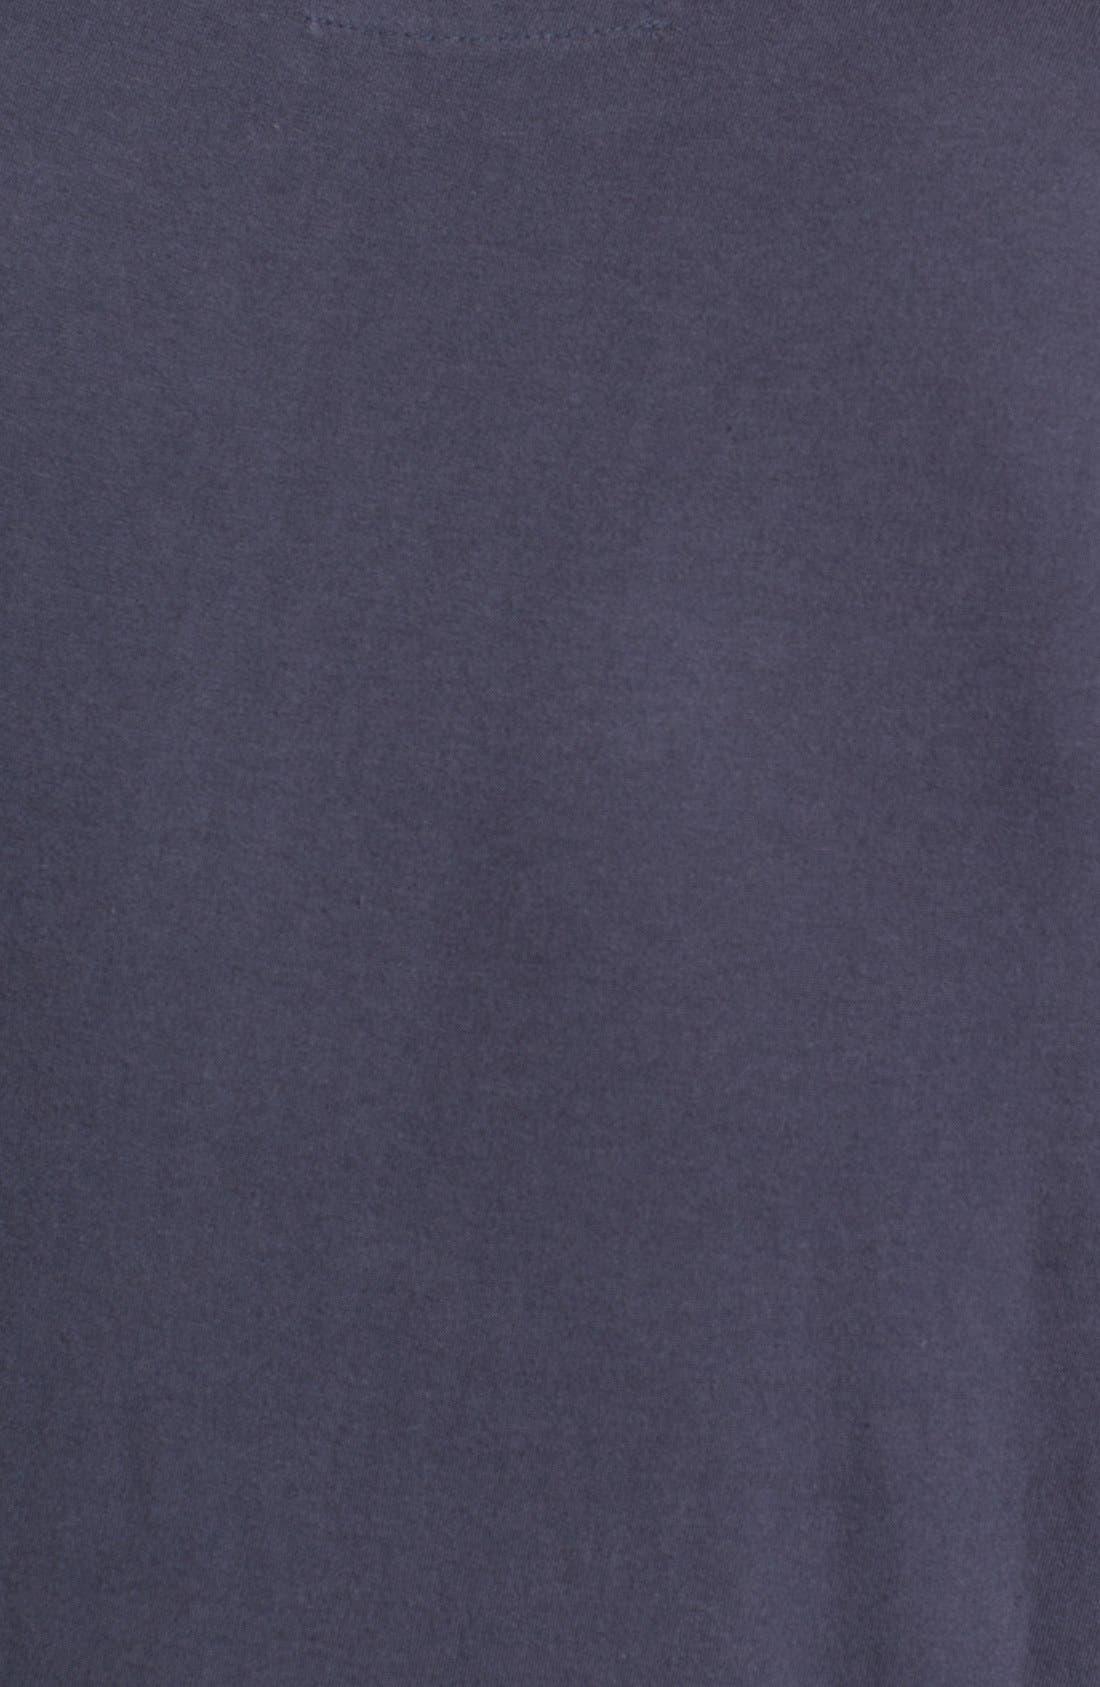 Alternate Image 3  - Red Jacket 'Tampa Bay Rays' Trim Fit T-Shirt (Men)